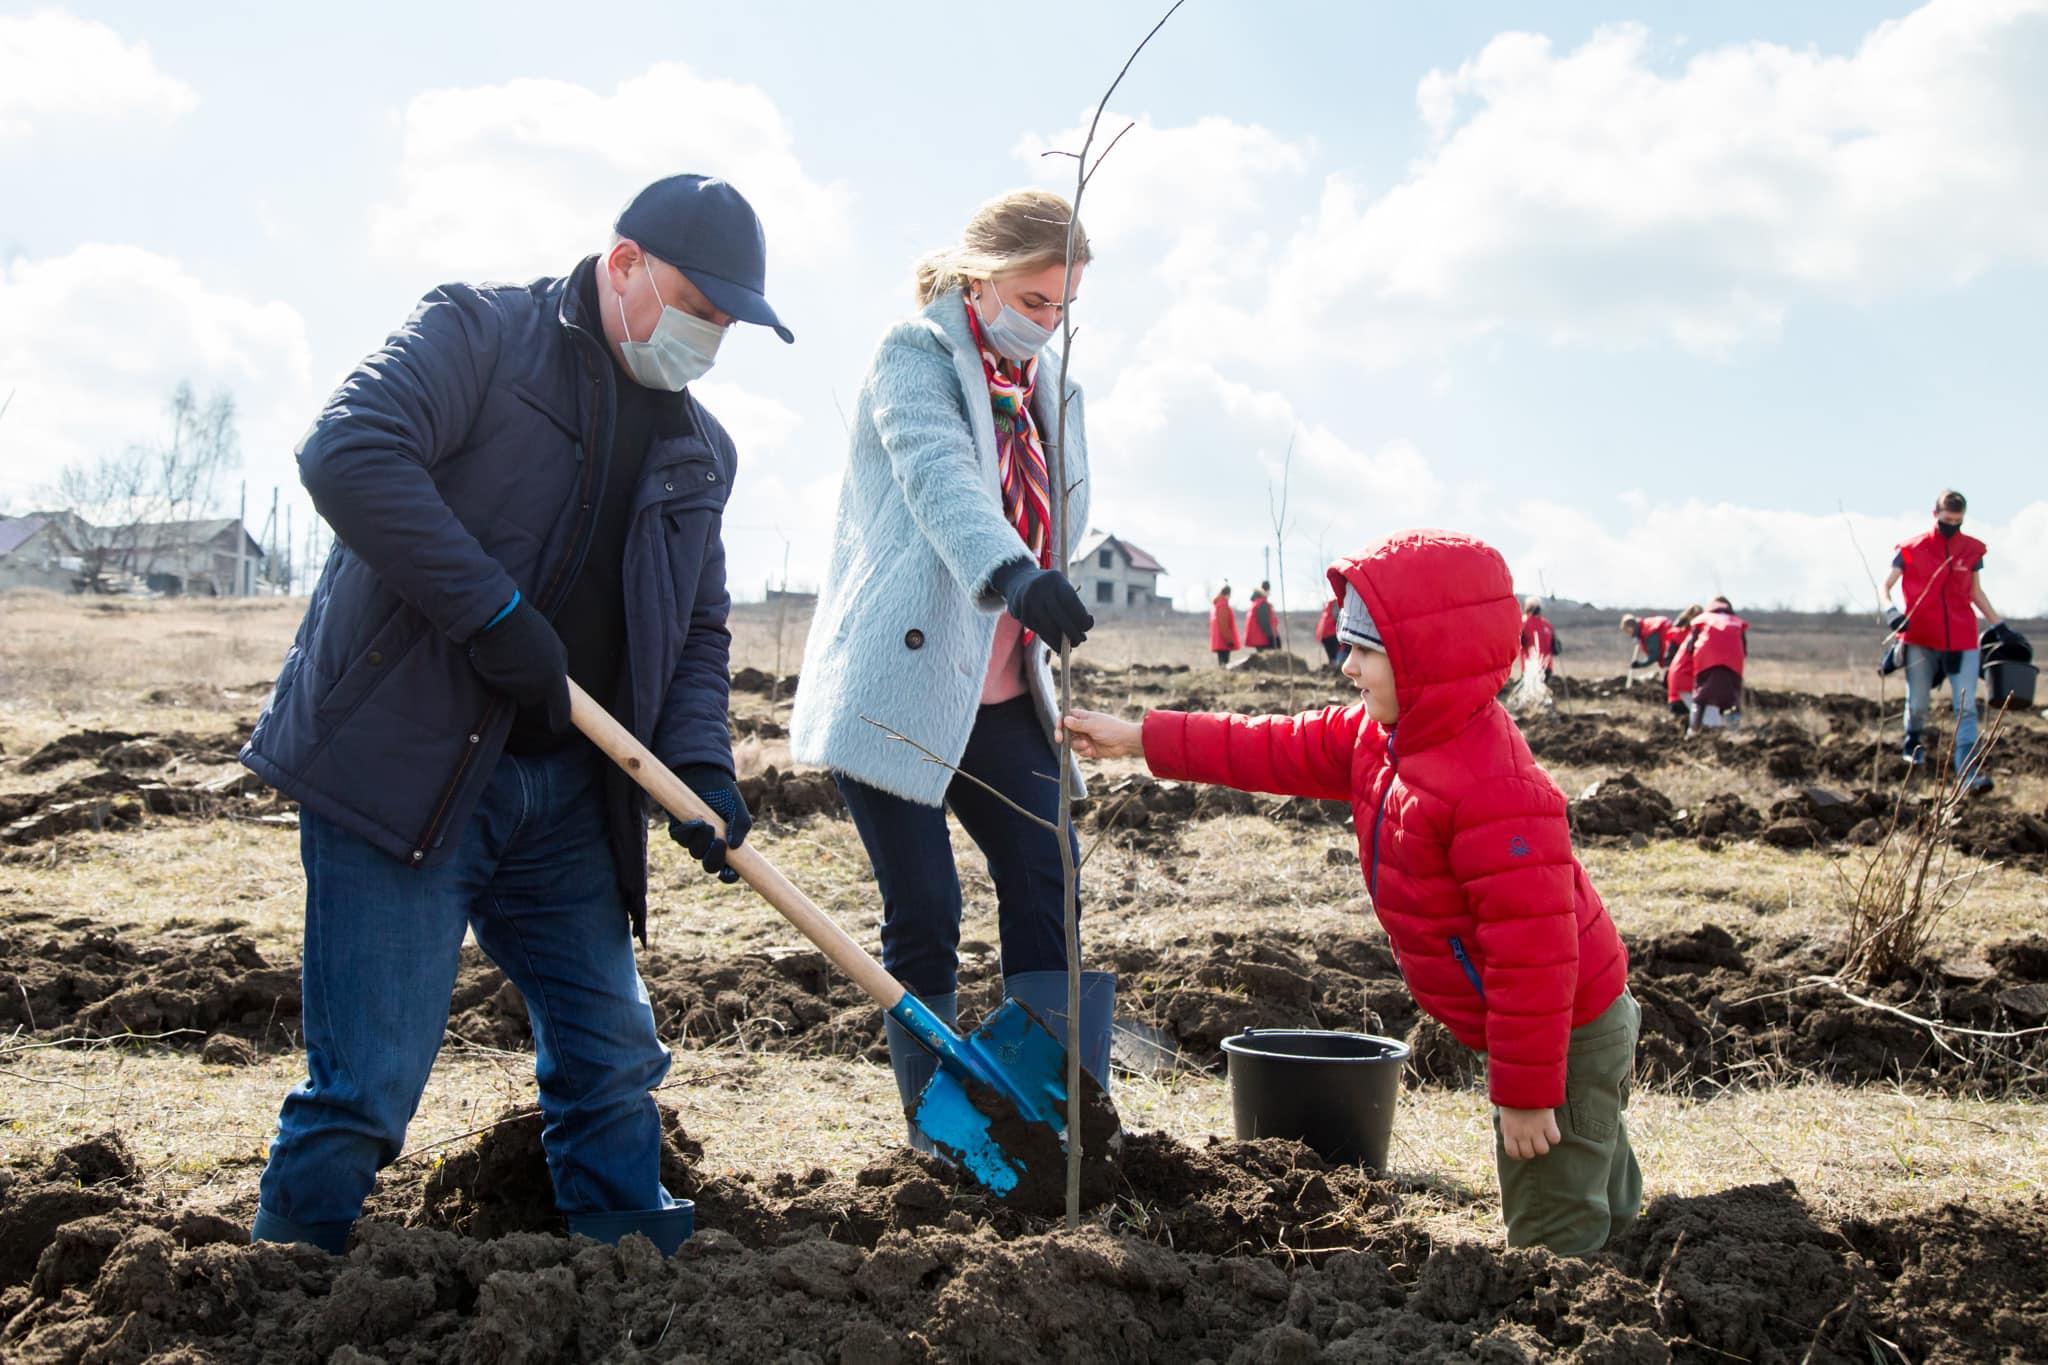 Додон: Мы должны оставить потомкам красивую, зелёную Молдову! (ФОТО, ВИДЕО)